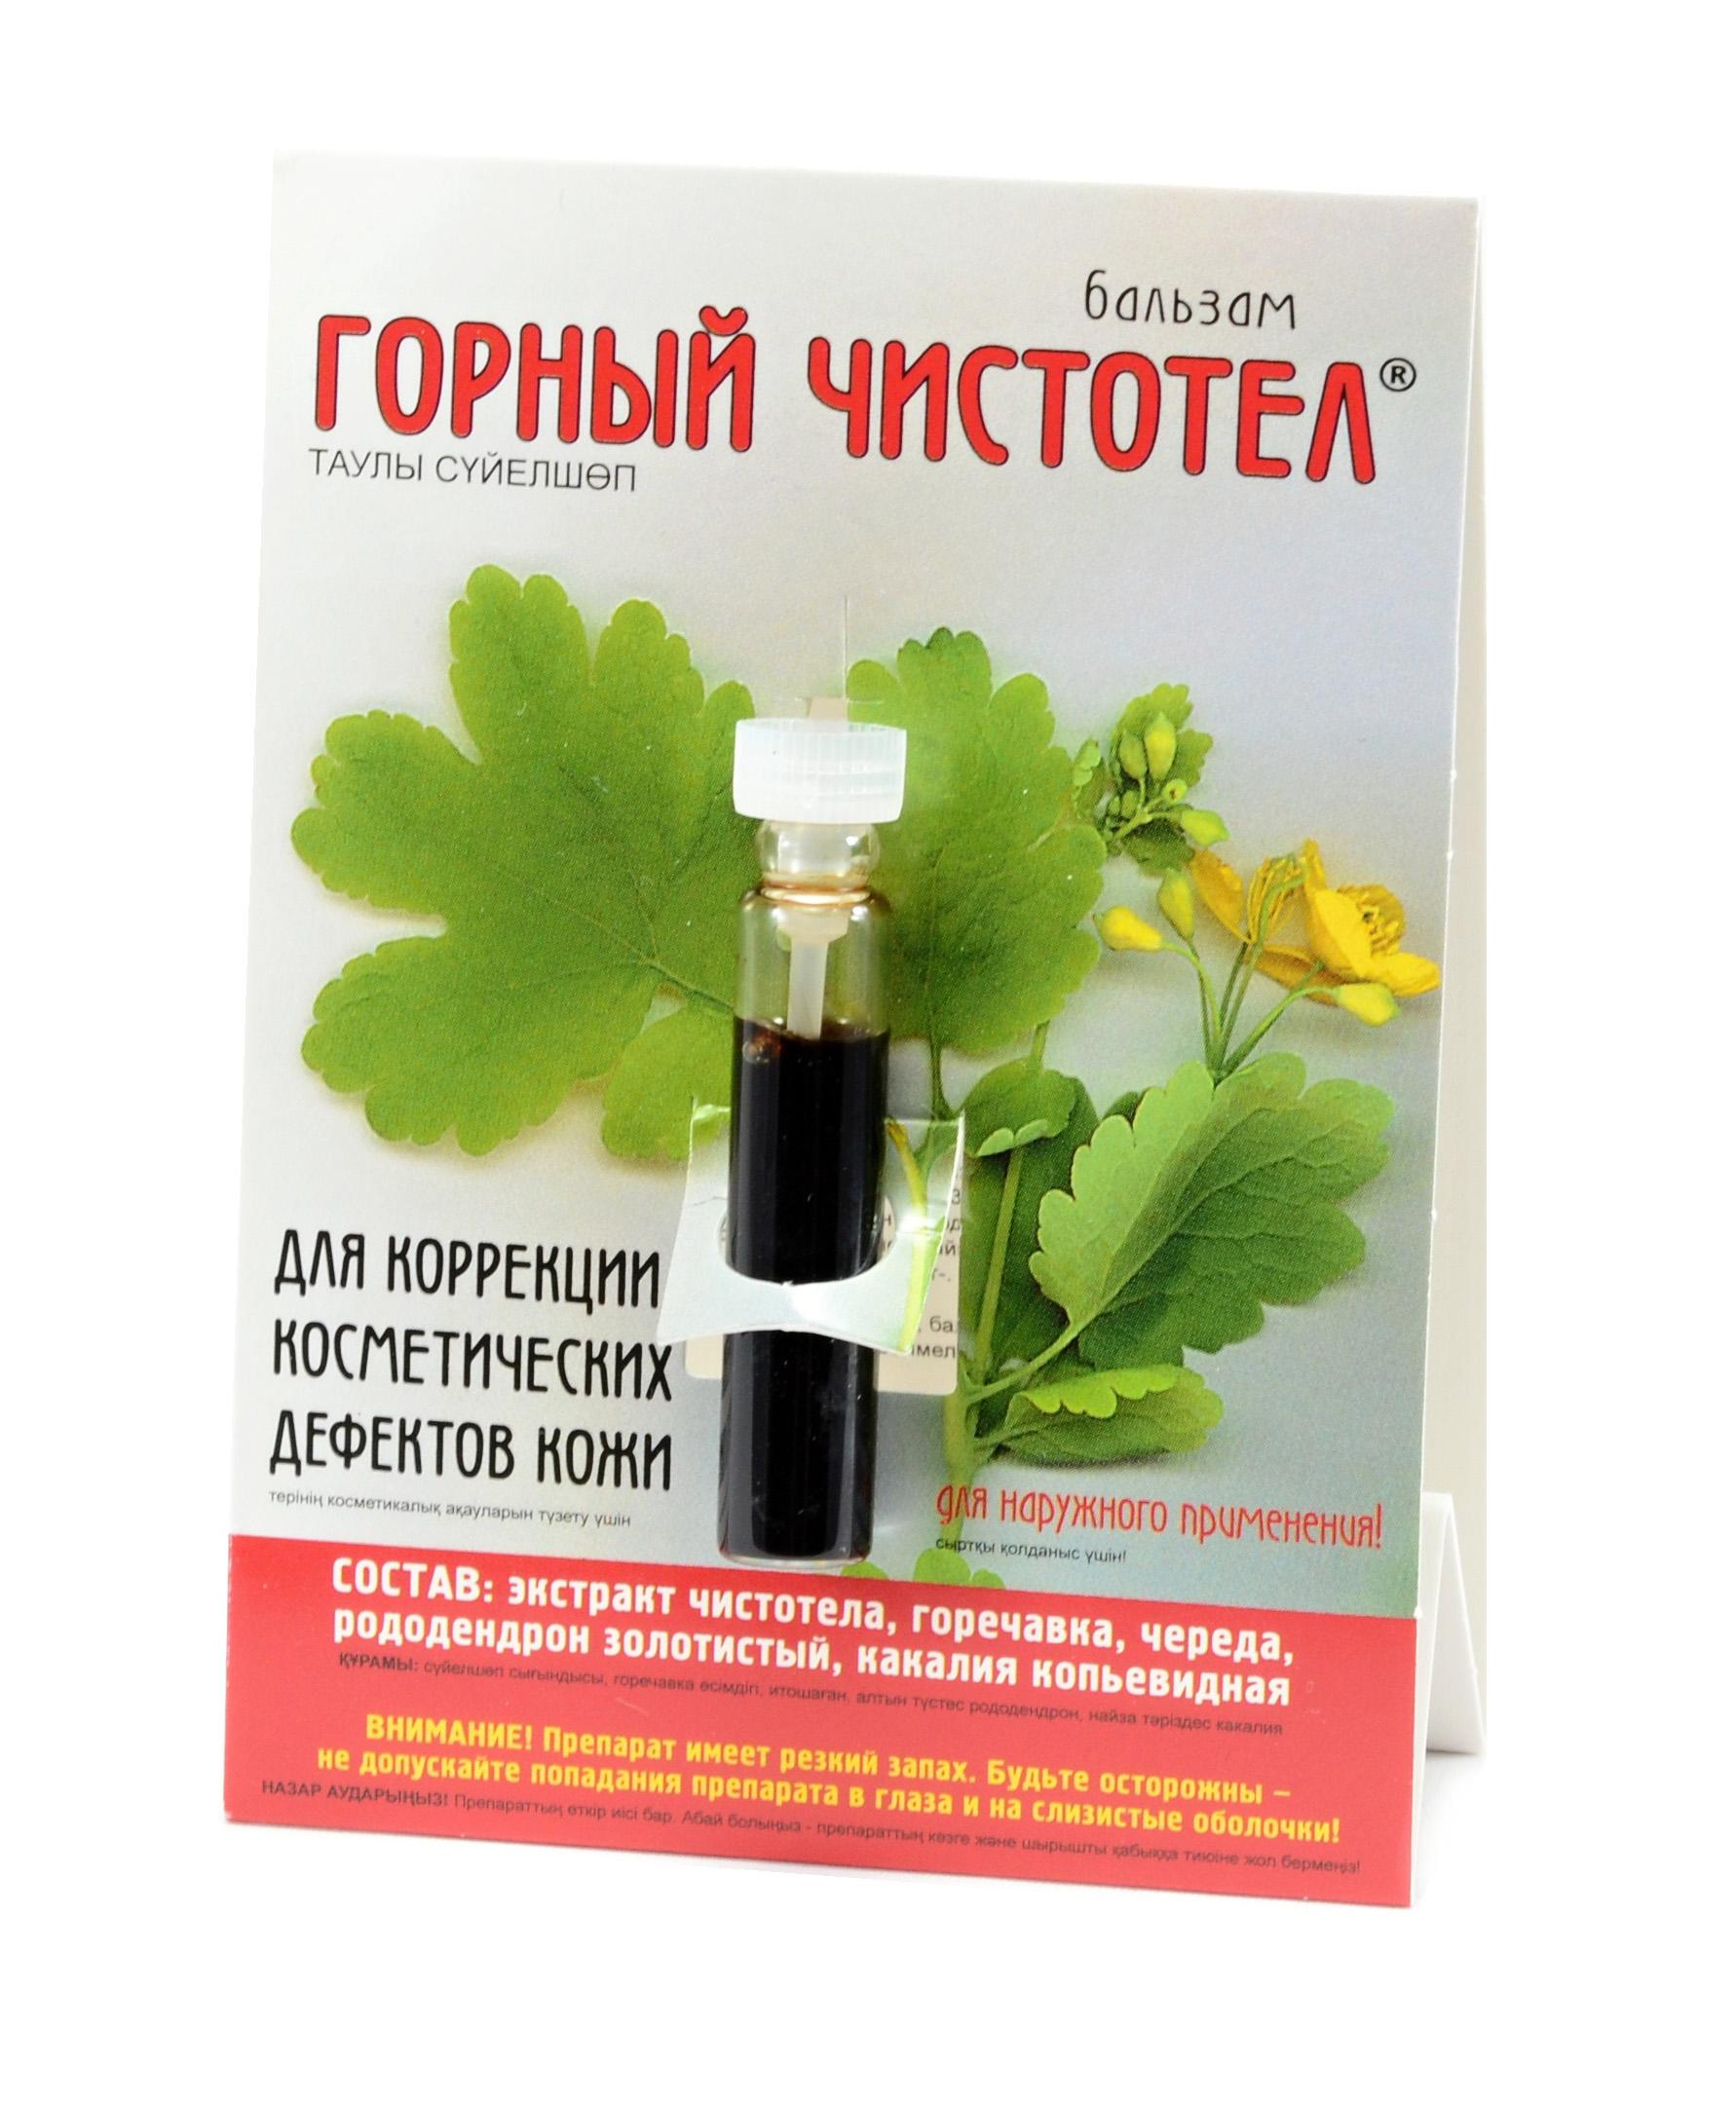 Horský čistoteľ- extrakt z lastovičníka na bradavice - Doktor Vedov - 1,2ml